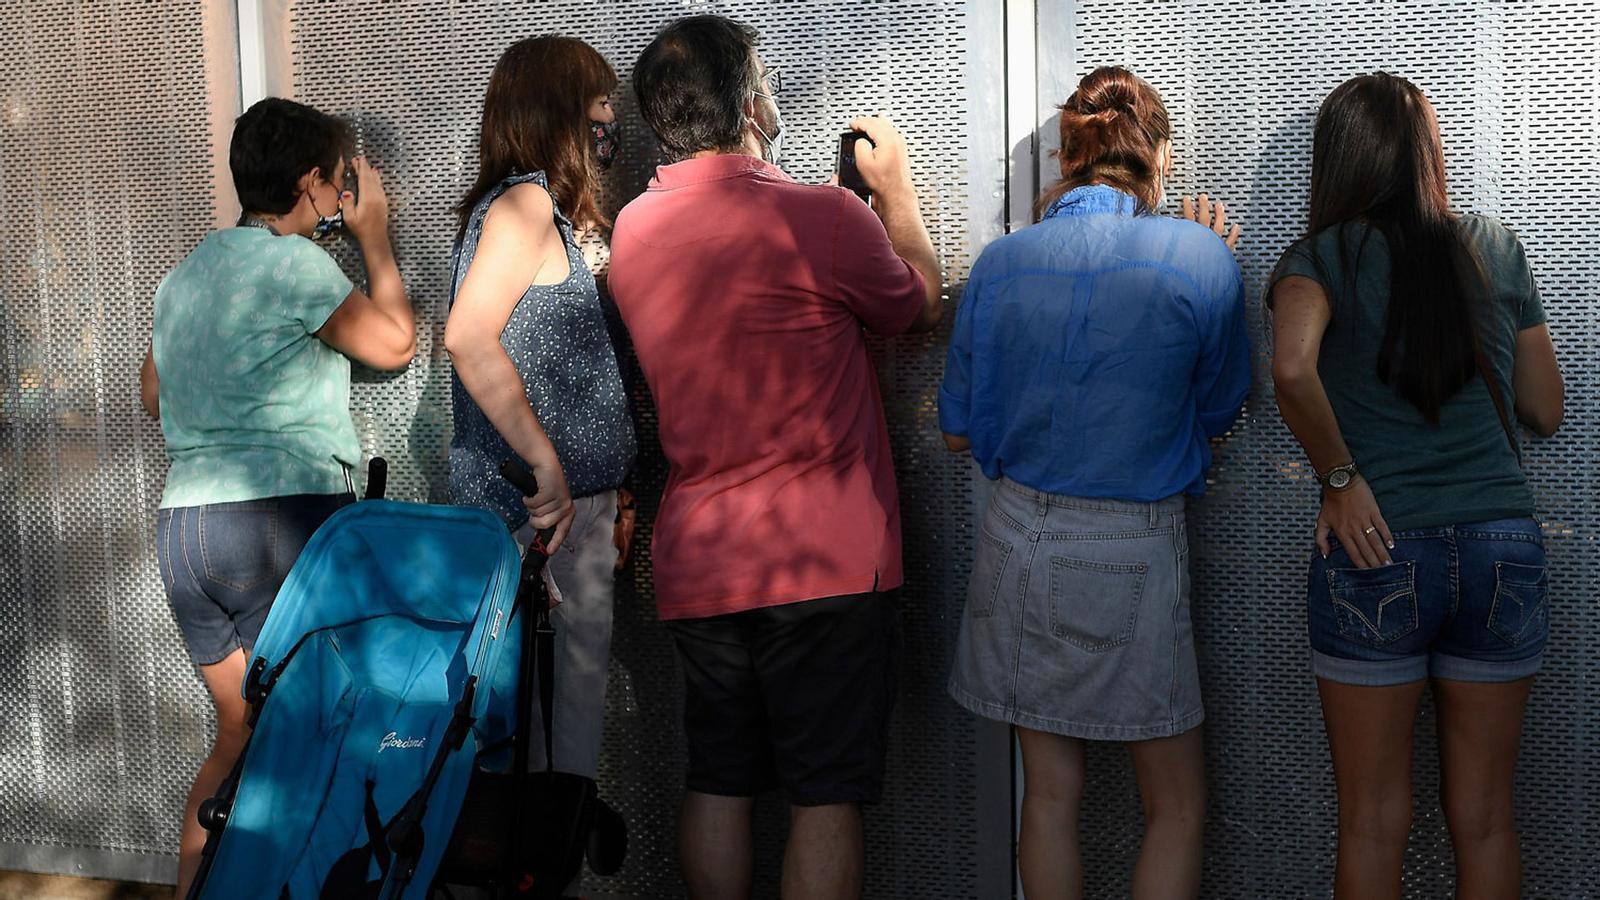 """Més il·lusió que por a les escoles, es continuarà dient CaixaBank i """"Europa és un «fake»"""" diu a l'ARA un refugiat a Lesbos: les claus del dia, amb Antoni Bassas (15/09/2020)"""